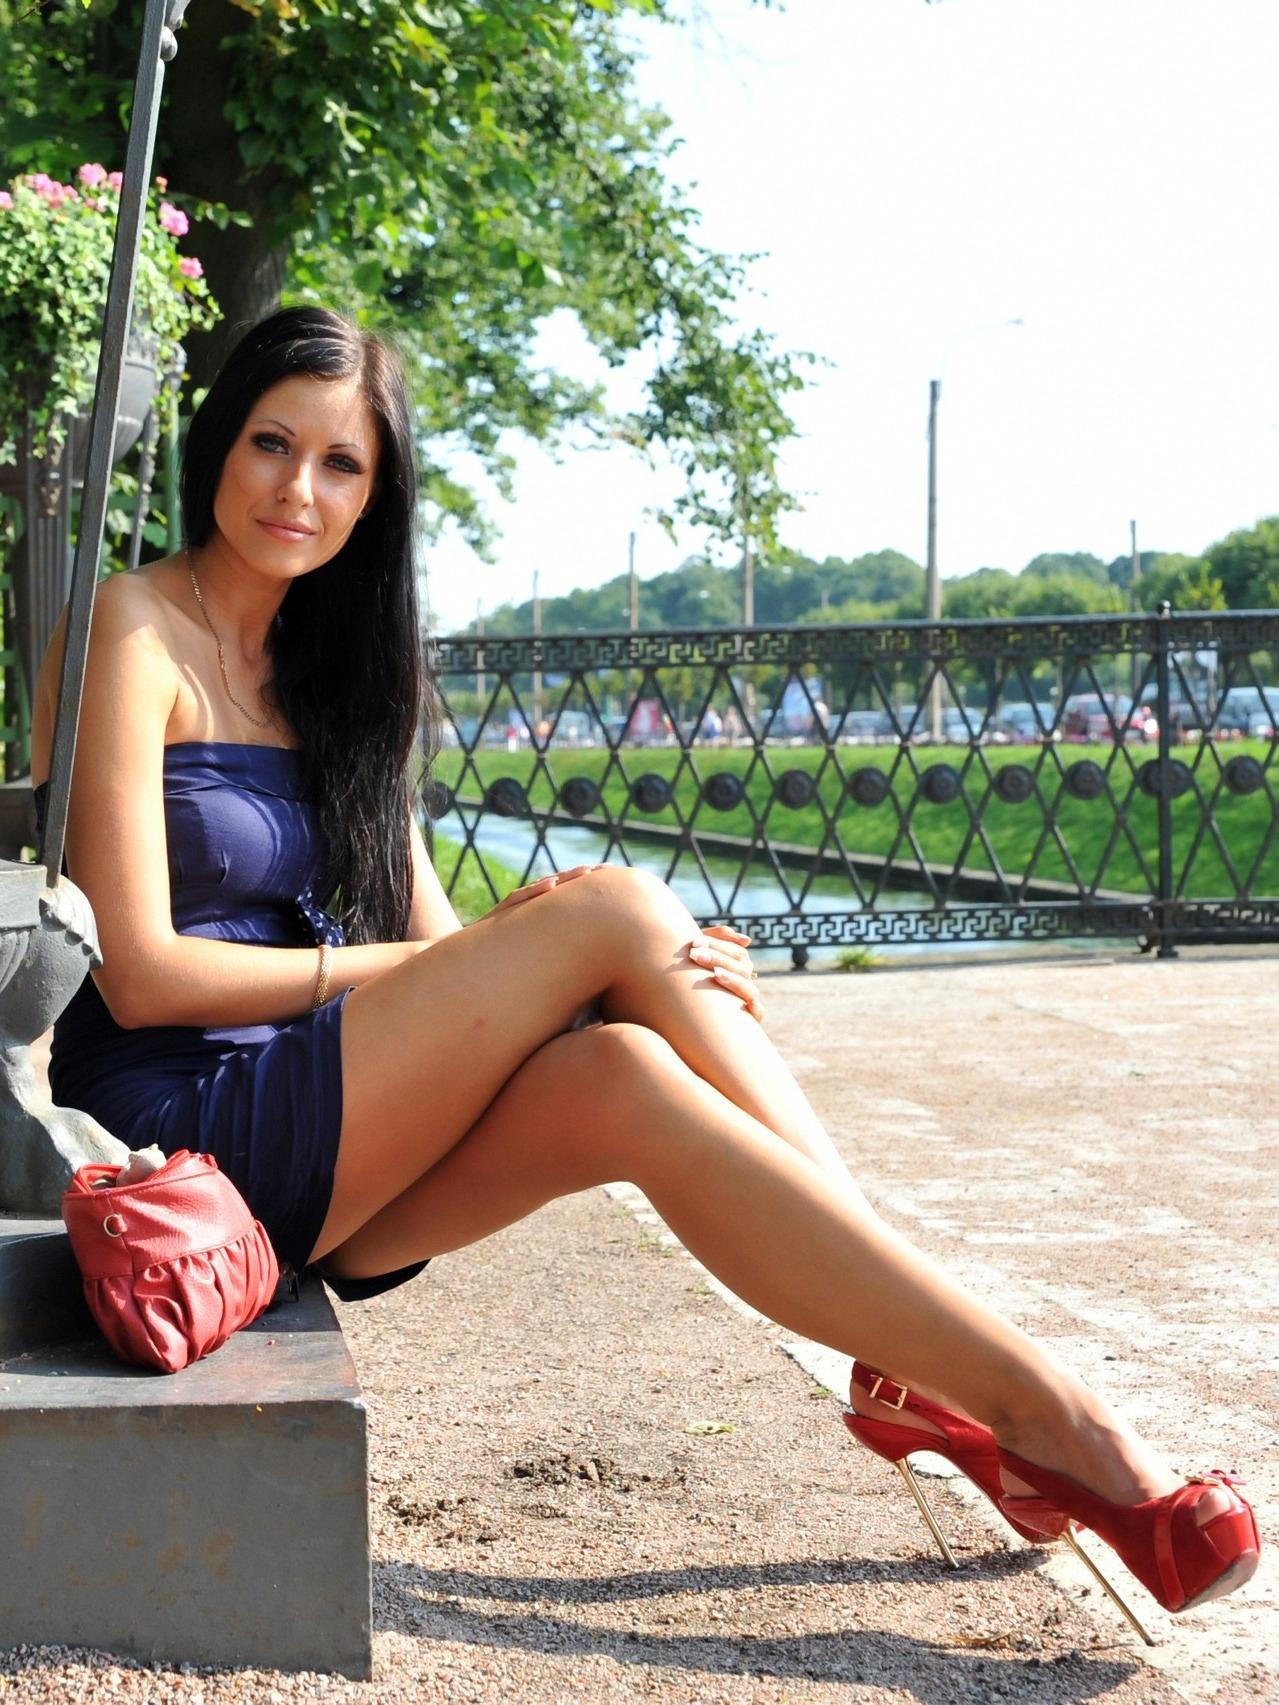 Публикация с тегами: Мода и красота, Девушка, Брюнетка